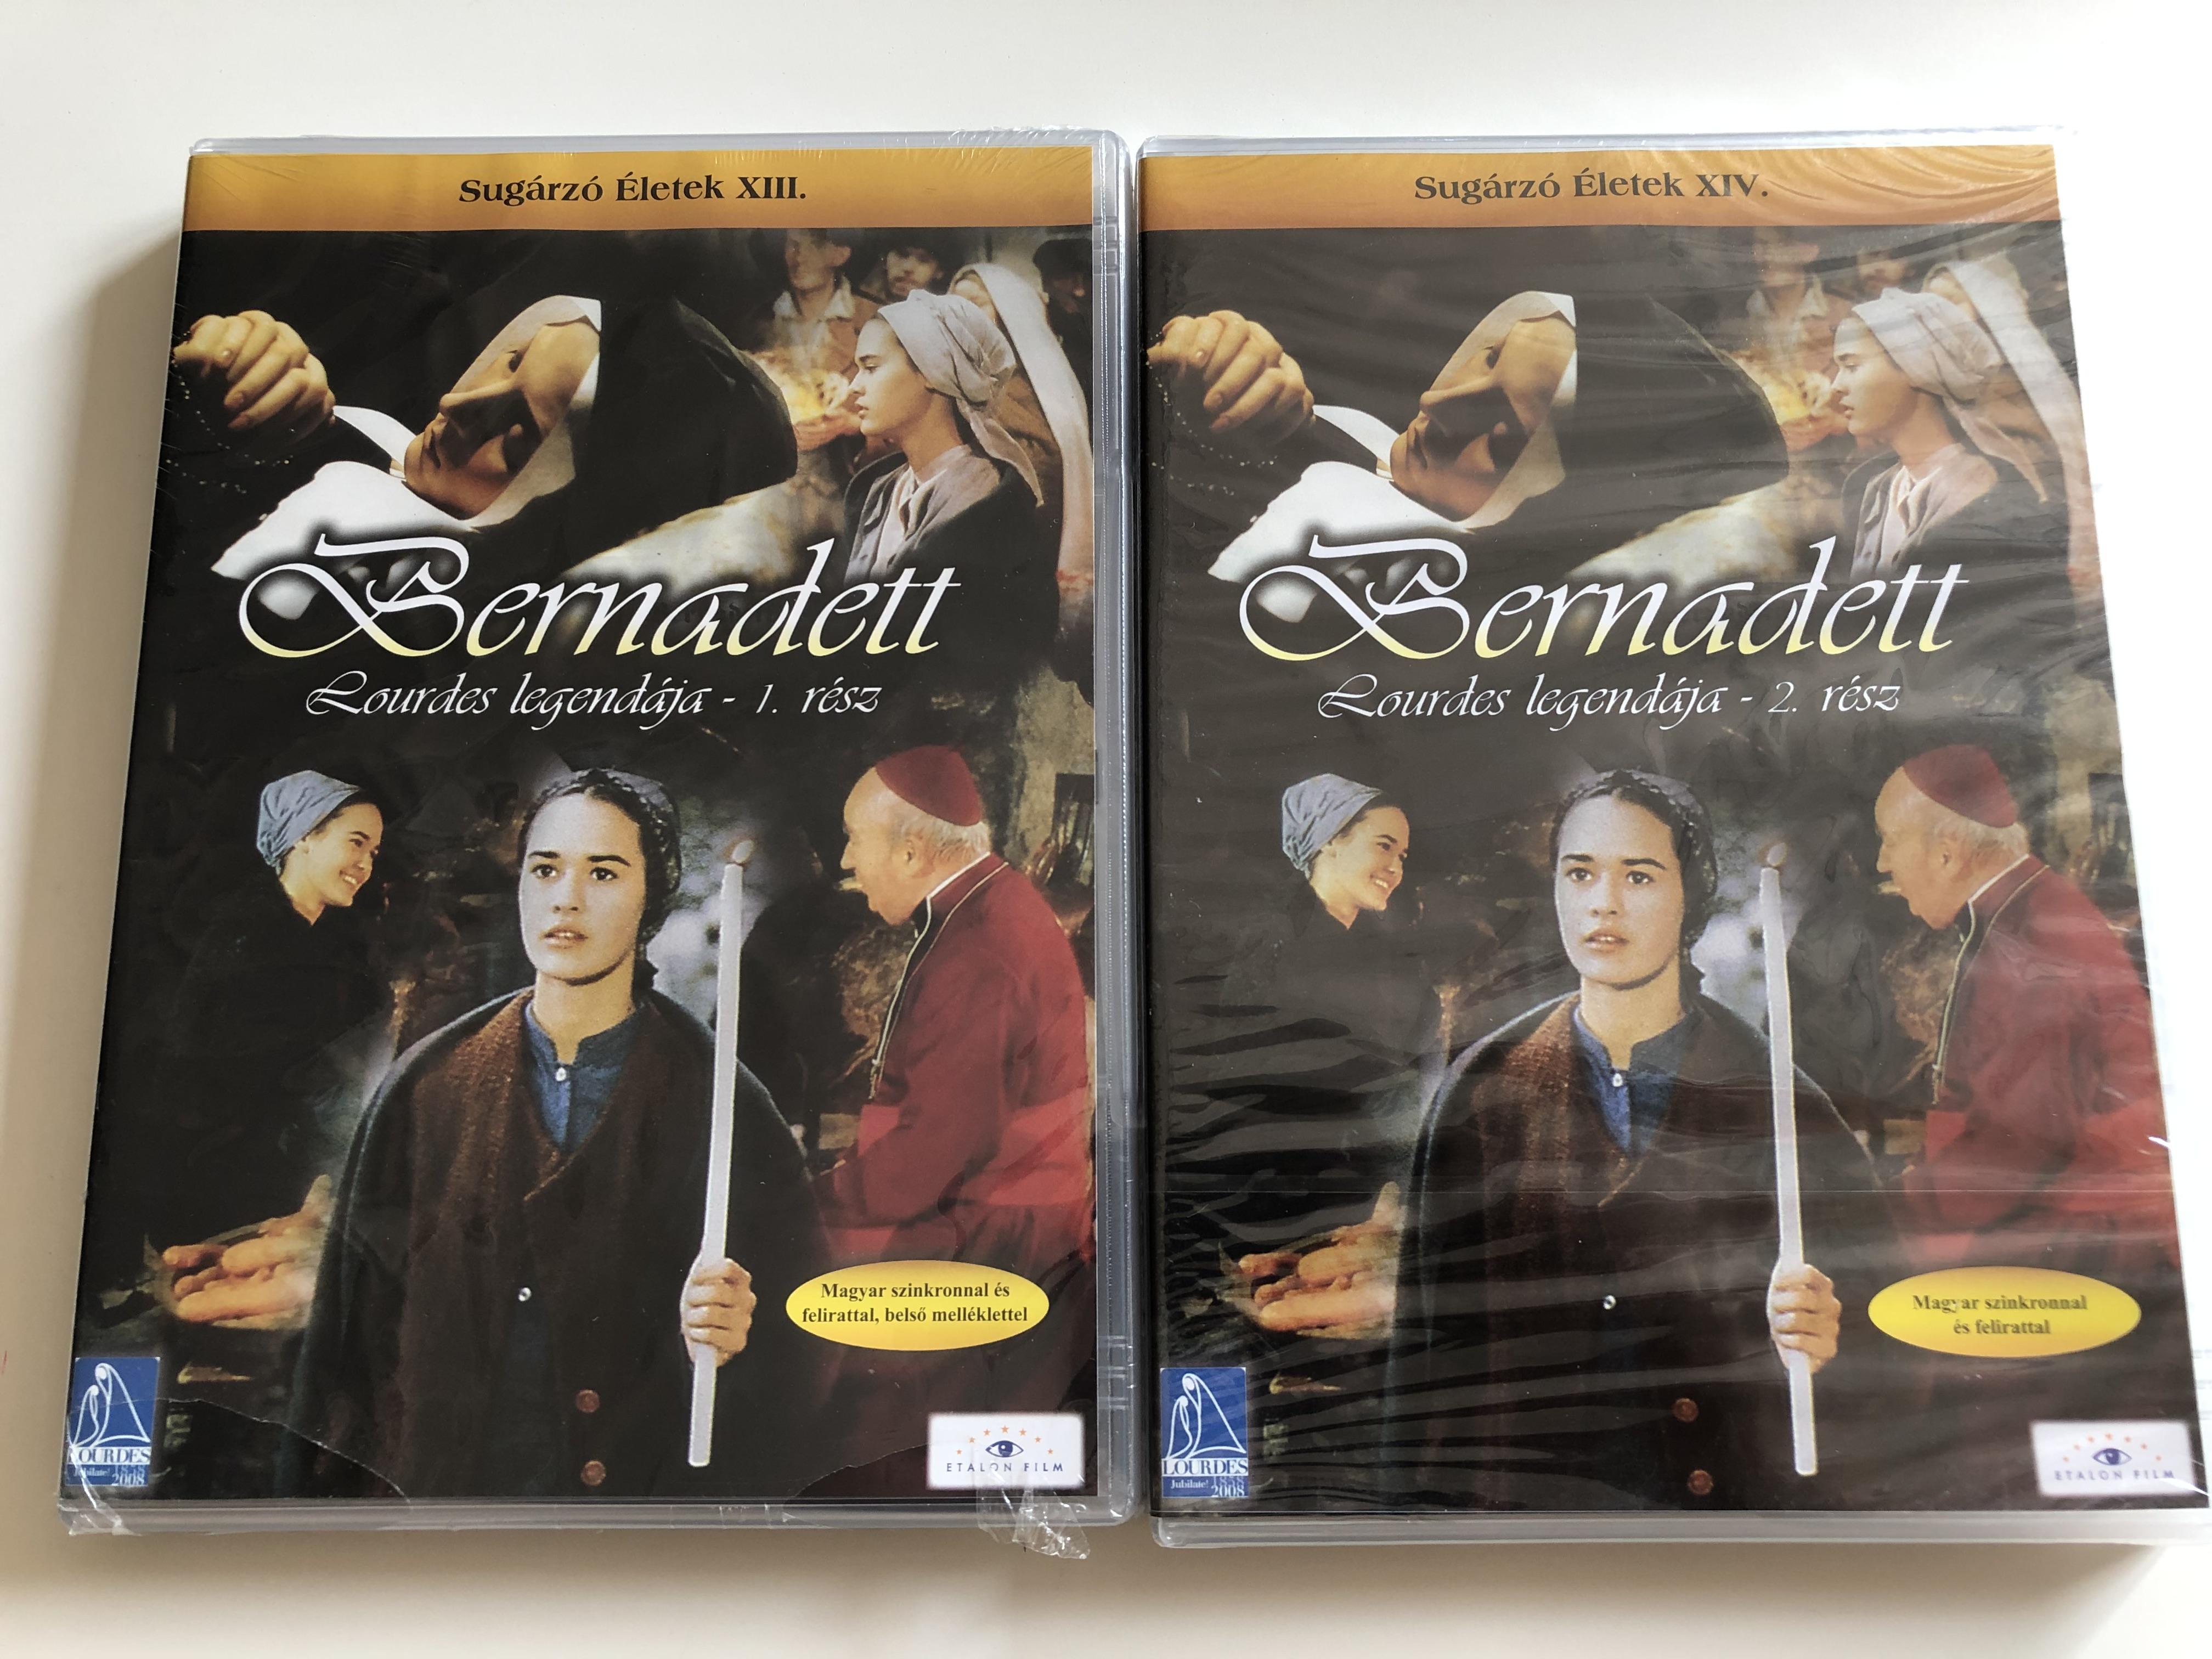 la-passion-de-bernadette-2-dvd-set-1989-bernadett-lourdes-legend-ja-1-2.-r-sz-directed-by-jean-delannoy-starring-sydney-penny-mich-le-simonnet-roland-lesaffre-sug-rz-letek-xiii-xiv.-1-.jpg